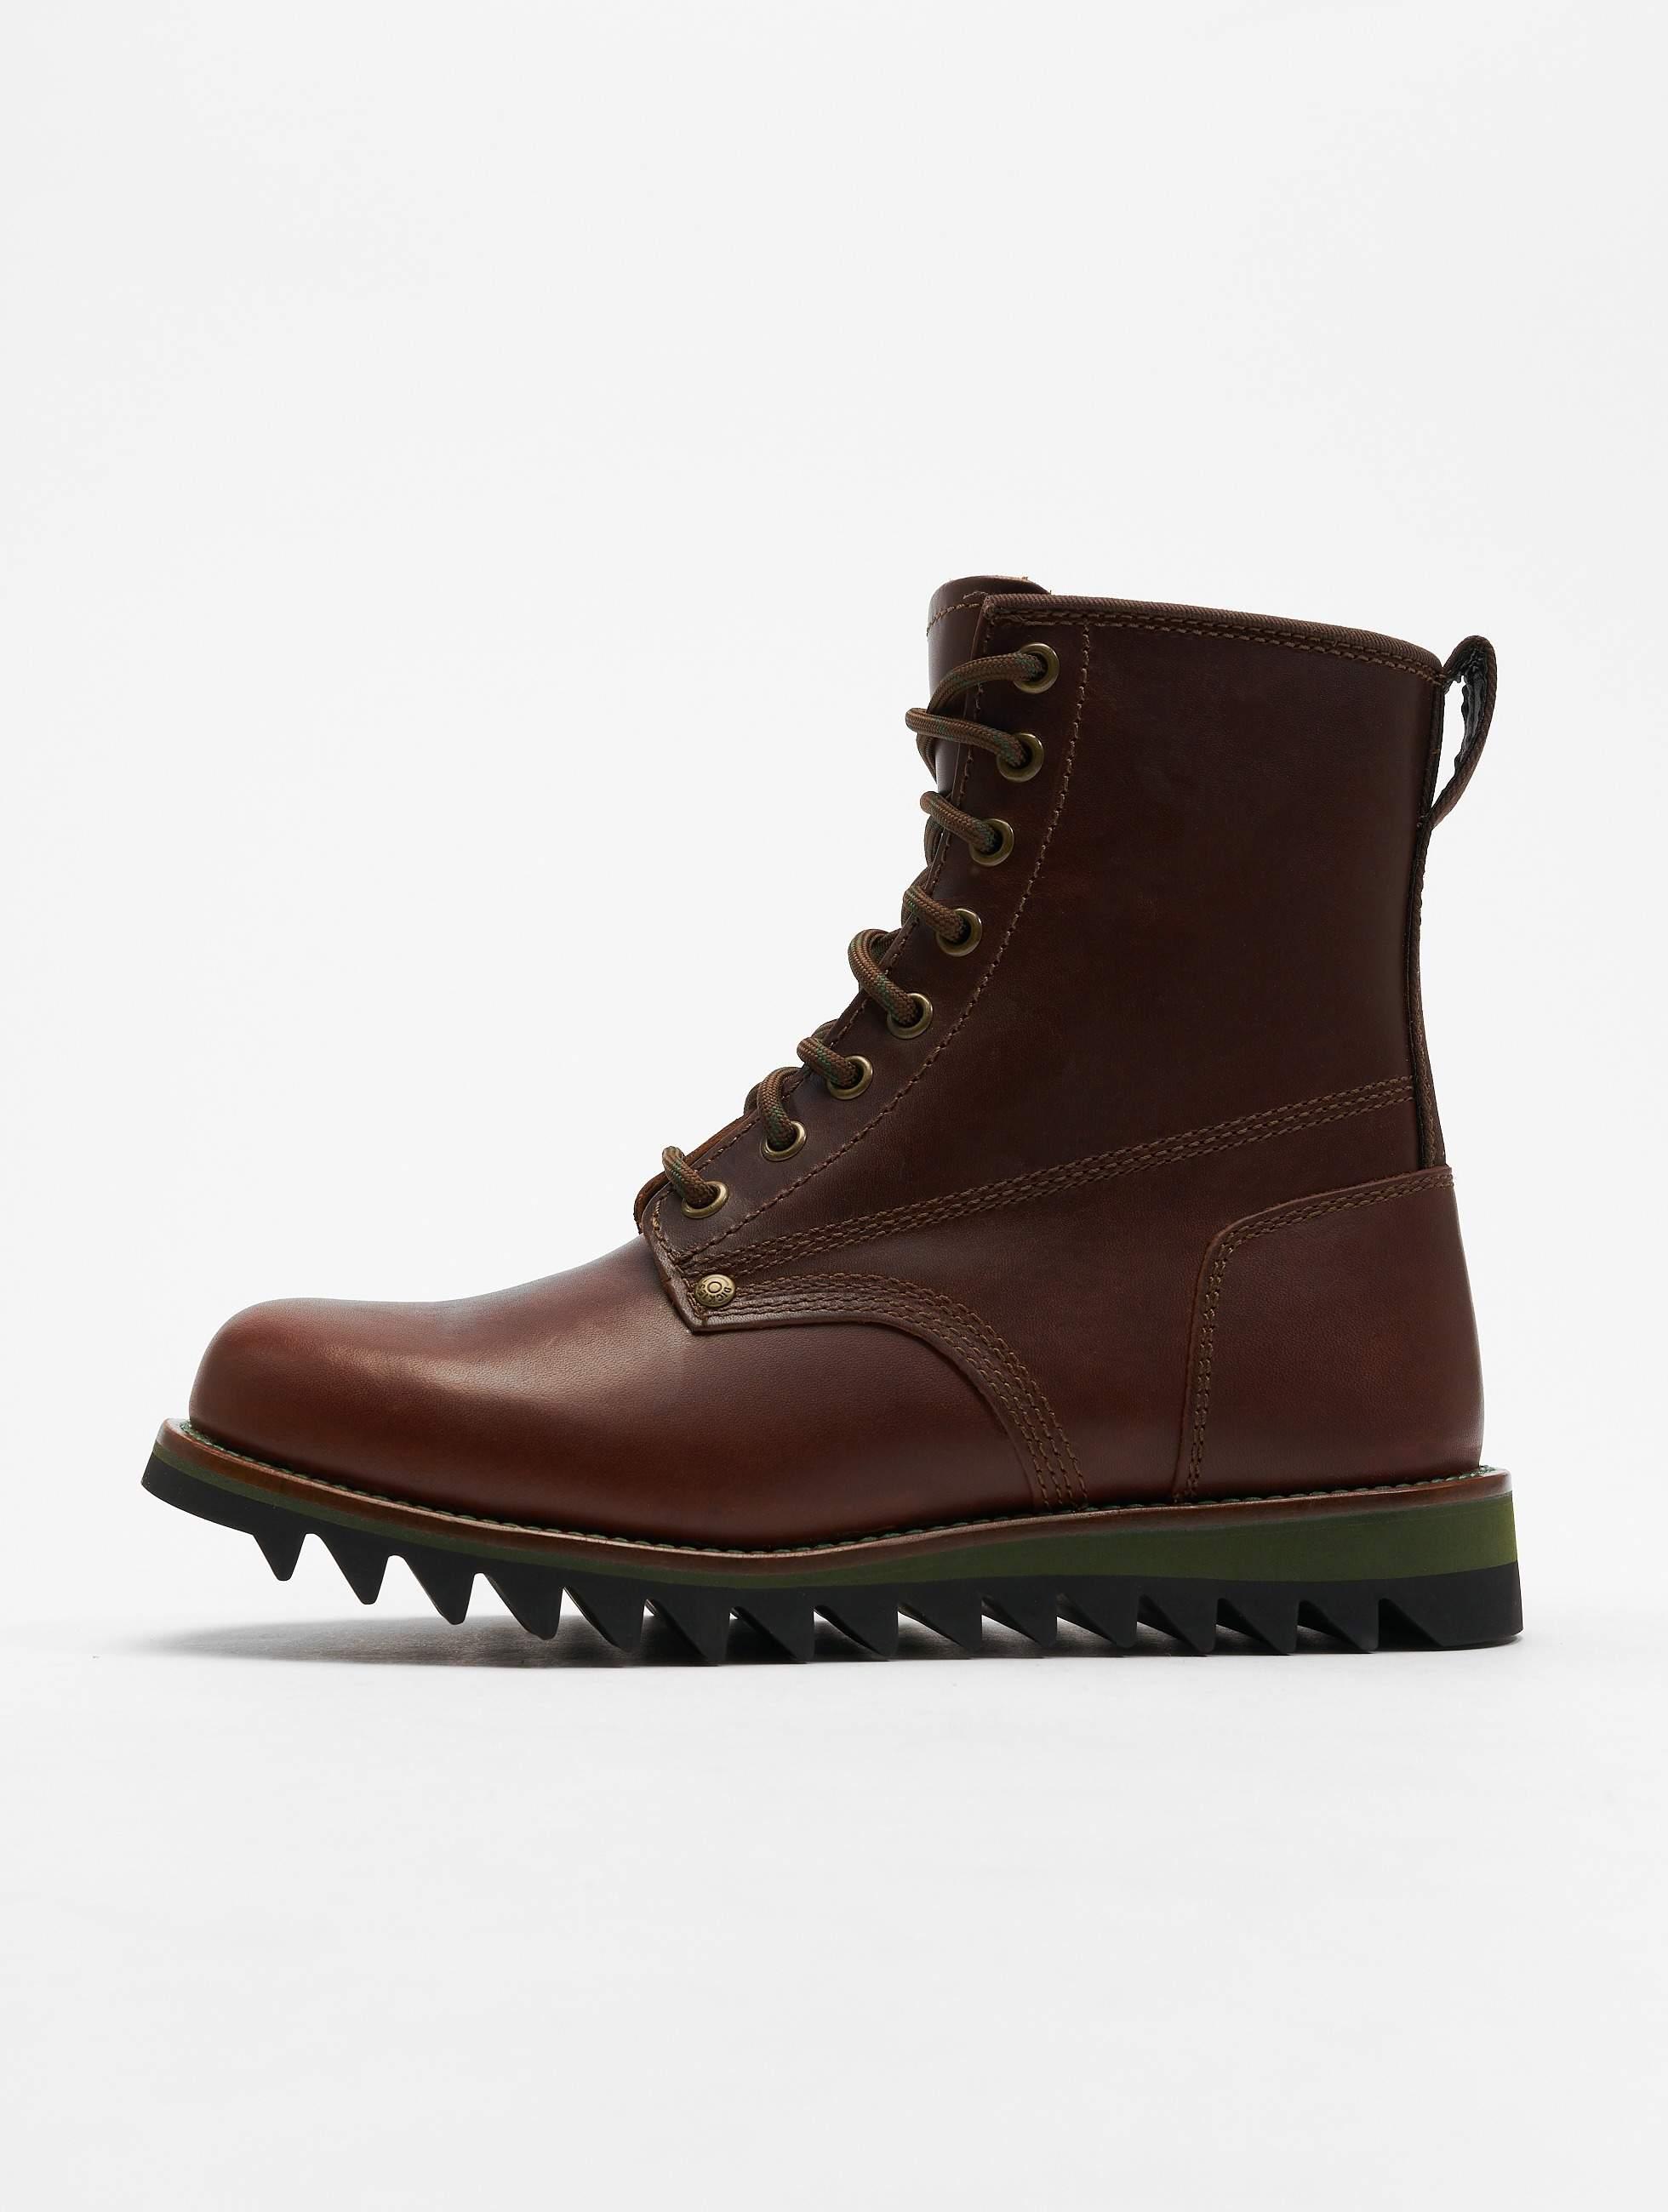 Dickies Eureka Springs Boots Brown